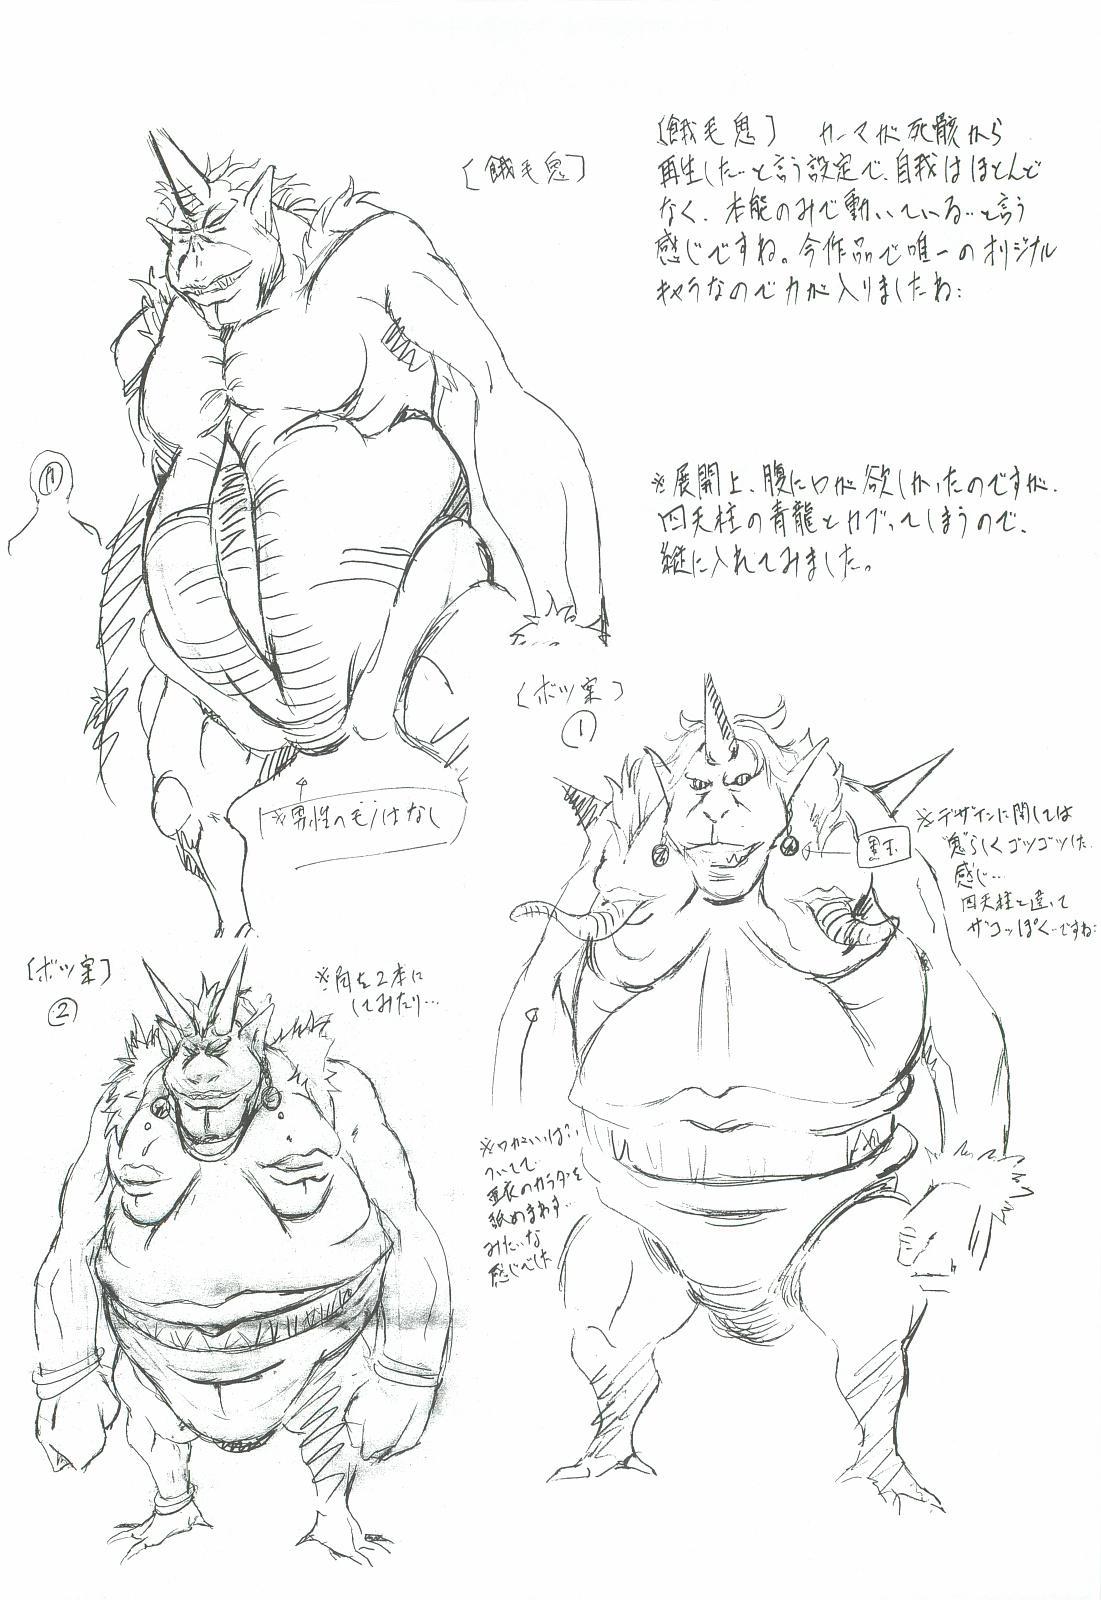 Ai & Mai Gaiden - Kishin Fukkatsu no Shou 150